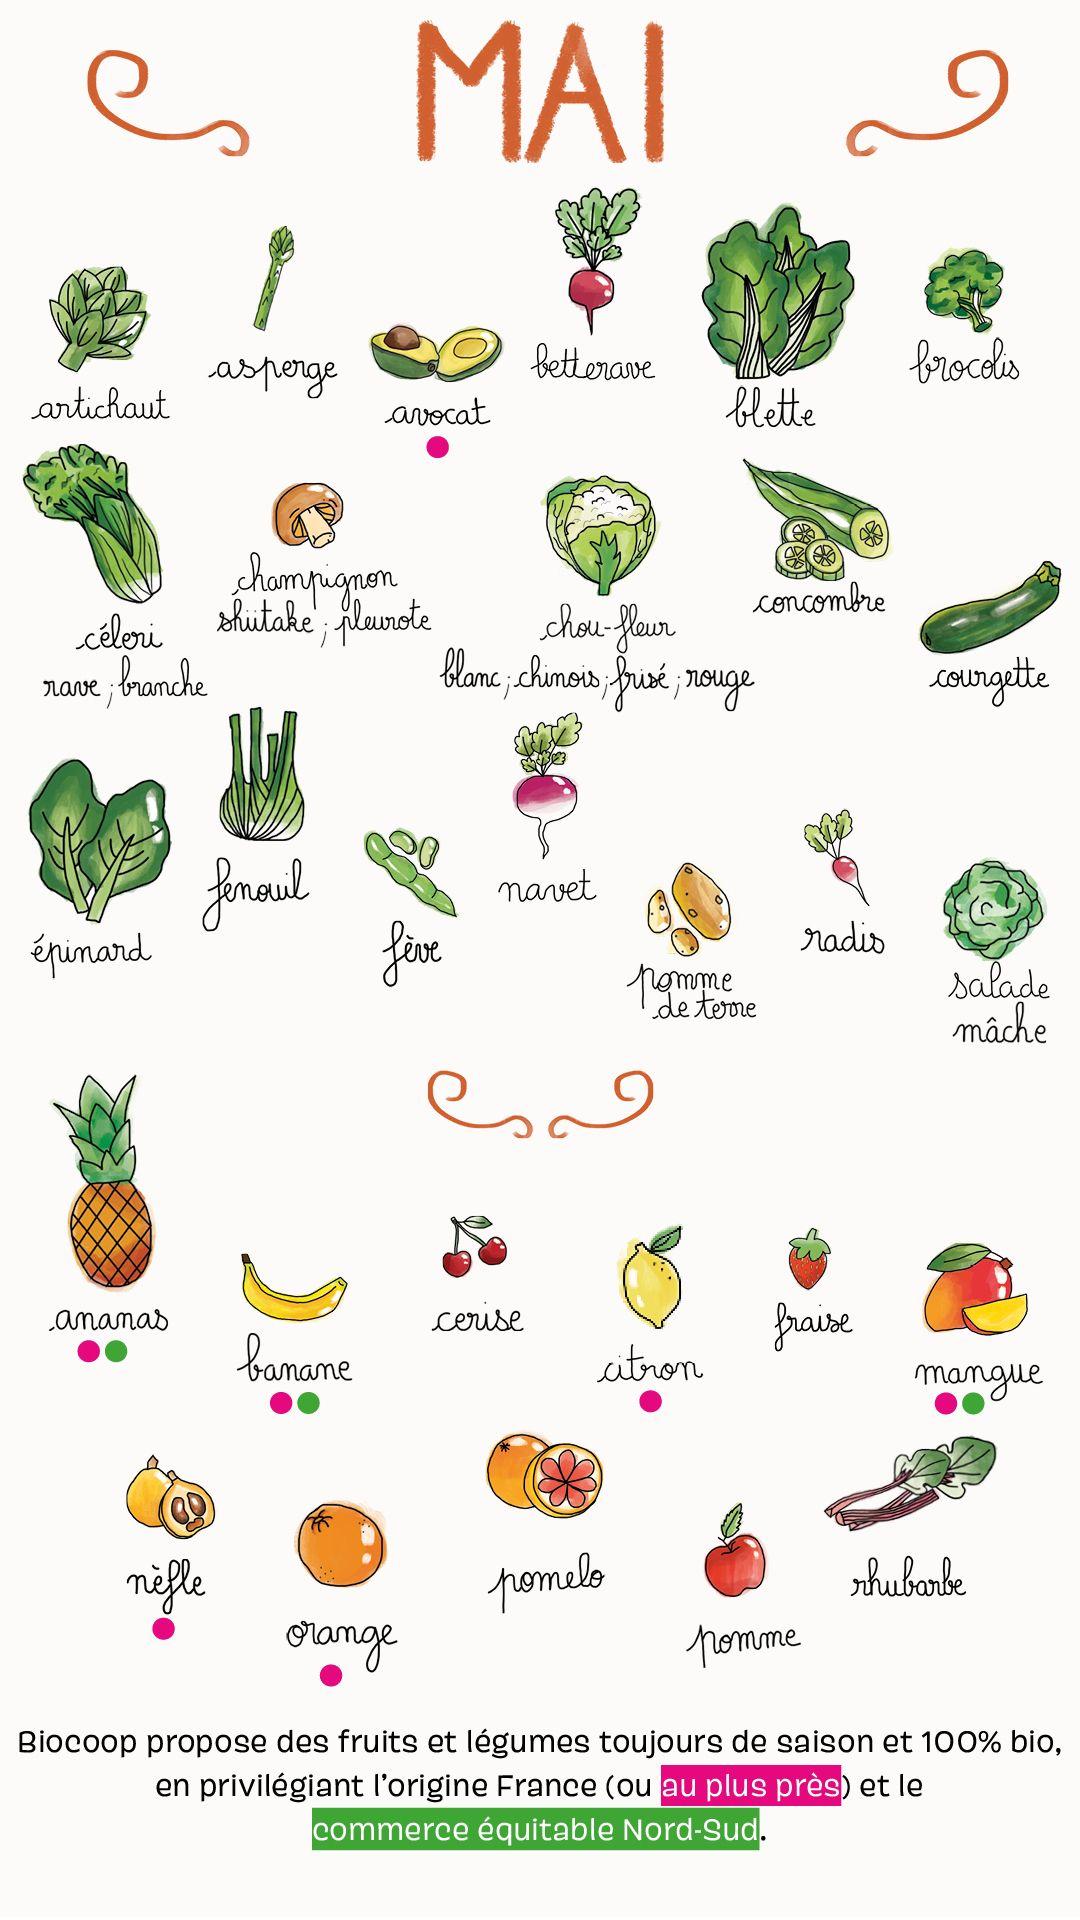 Calendrier Saison Des Moules.Fruits Et Legumes De Saison A Retrouver Chez Biocoop En Mai